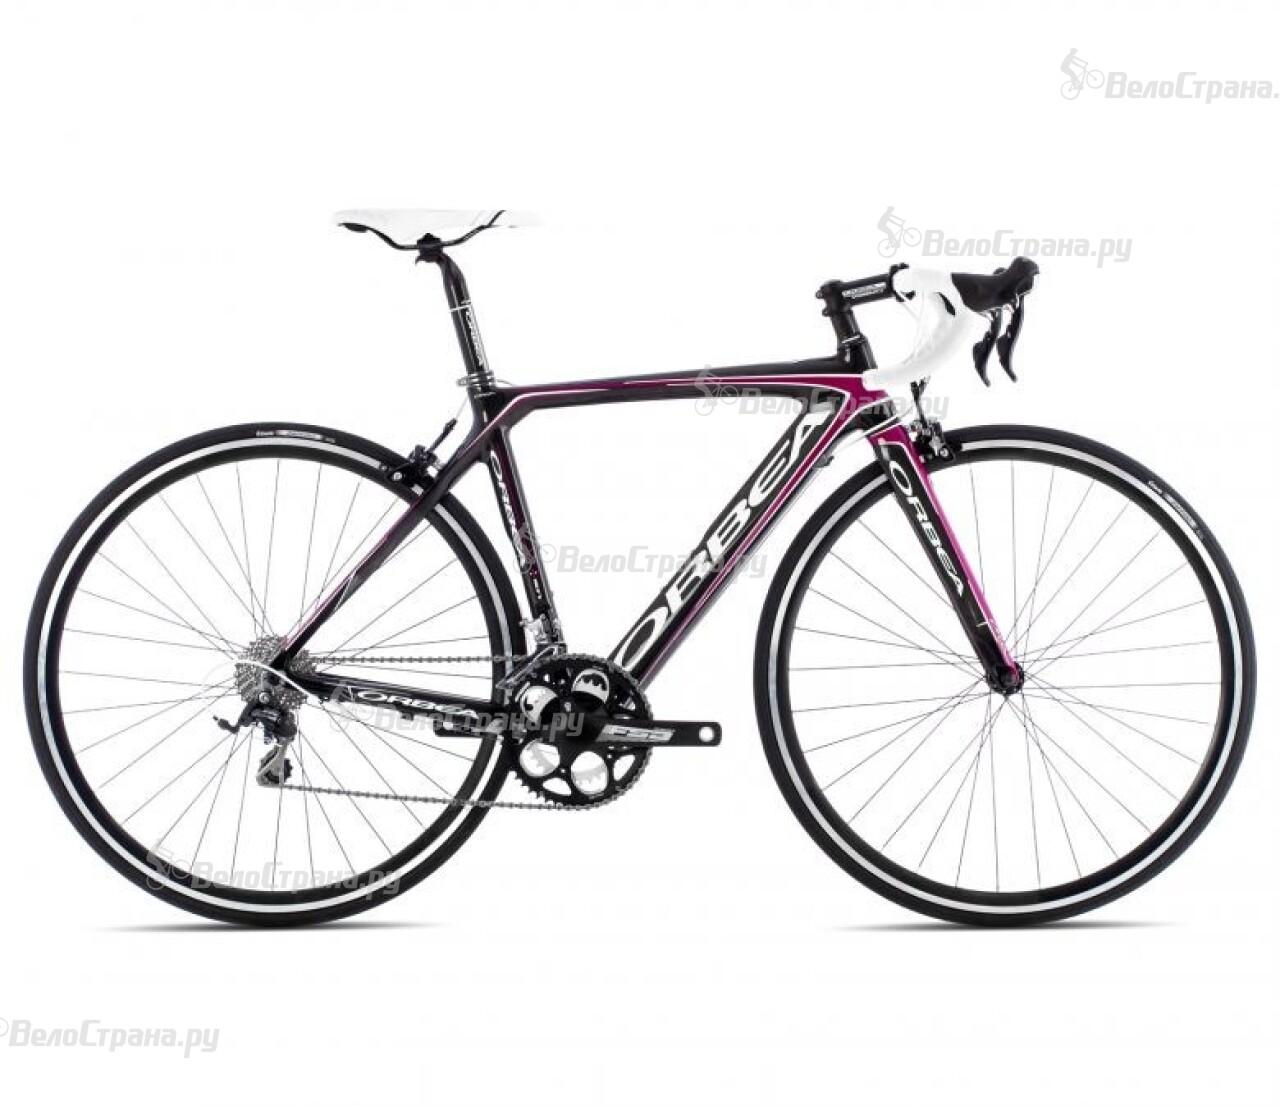 Велосипед Orbea Orca B Dama M50 (2014) велосипед orbea orca dama gth 2013